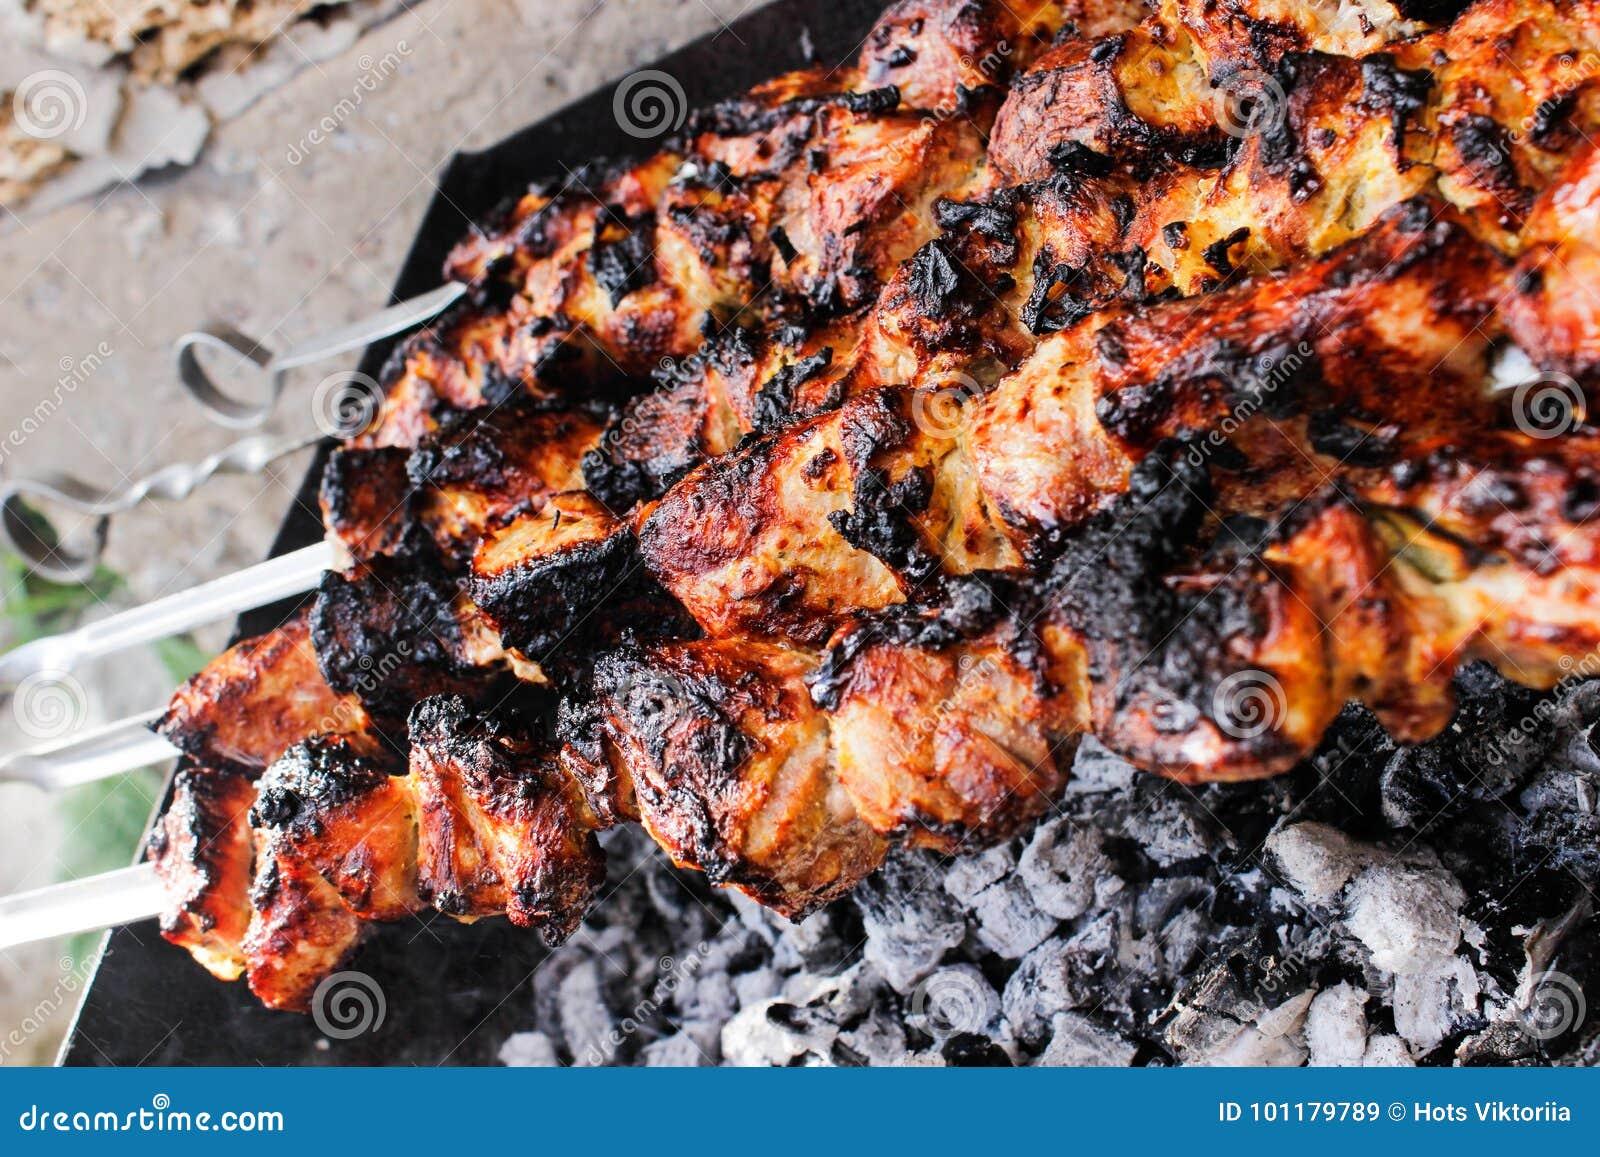 Primer de algunos pinchos de la carne que son asados a la parrilla en una barbacoa